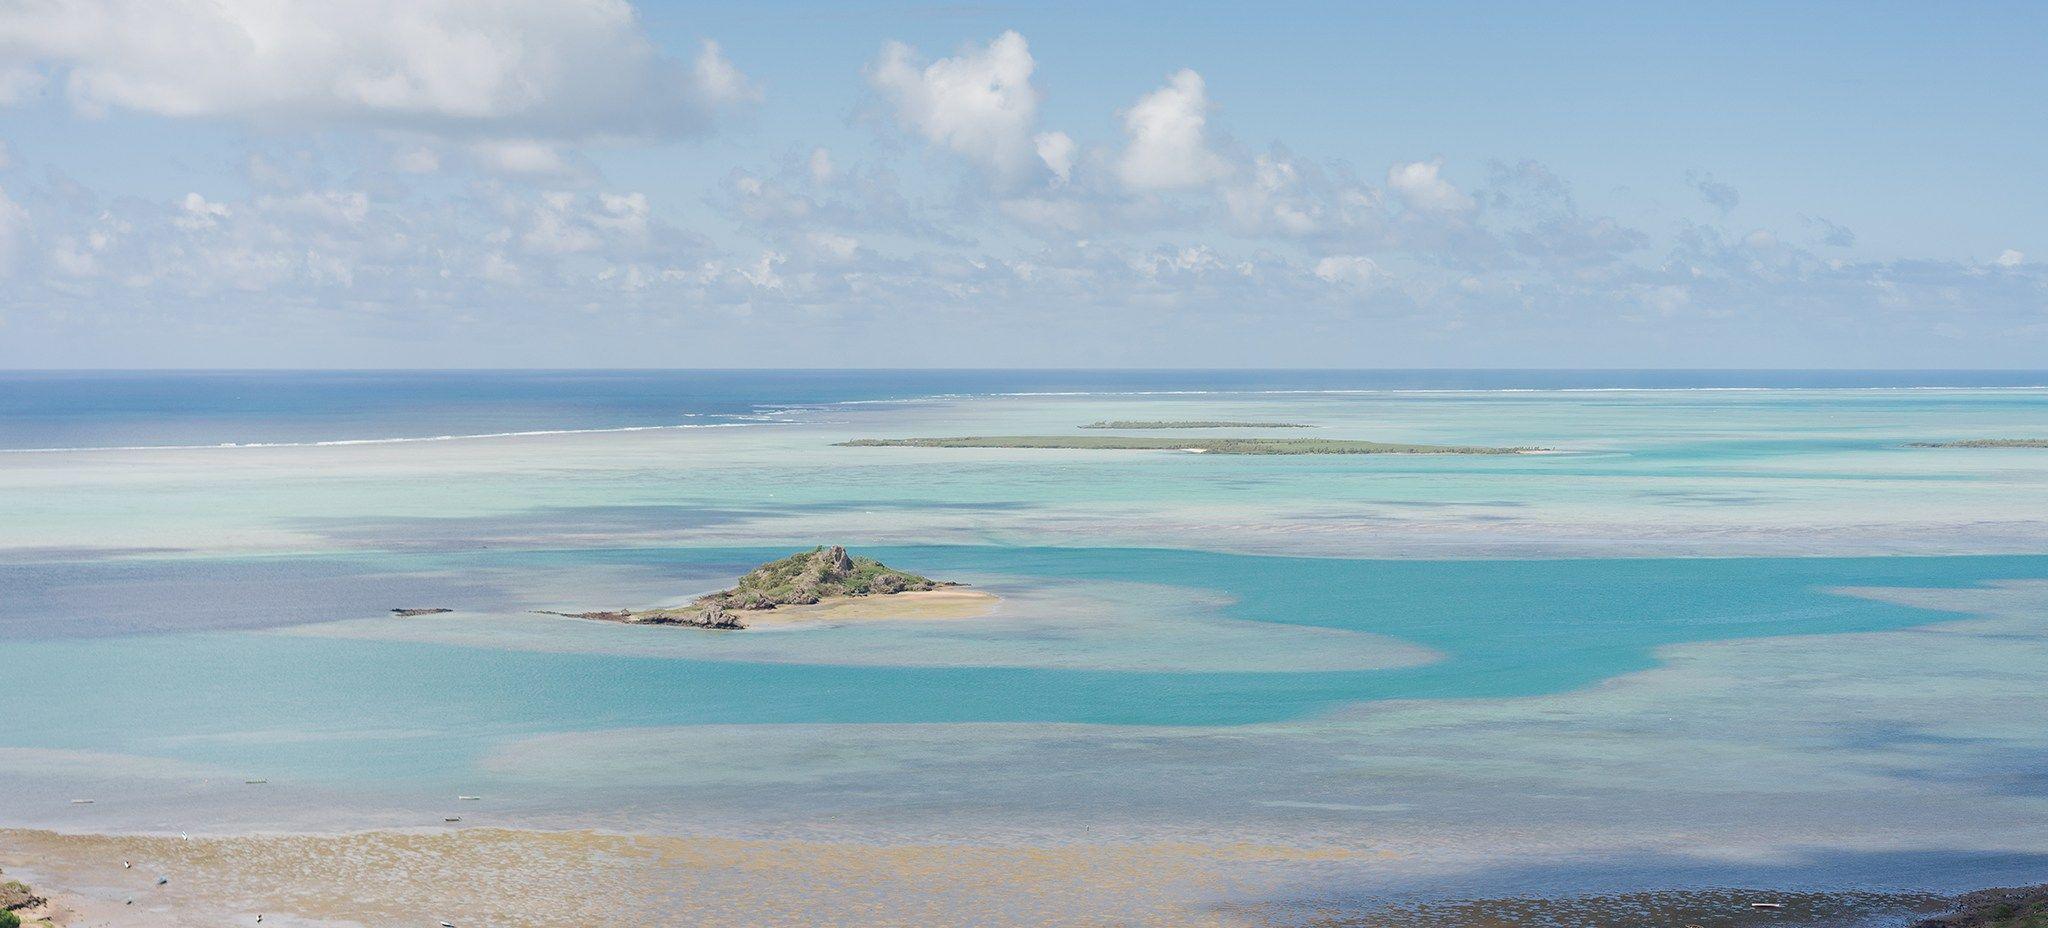 L Ile Rodrigues Une Parenthese Paisible Et Sauvage Sauvage Paisible Ile